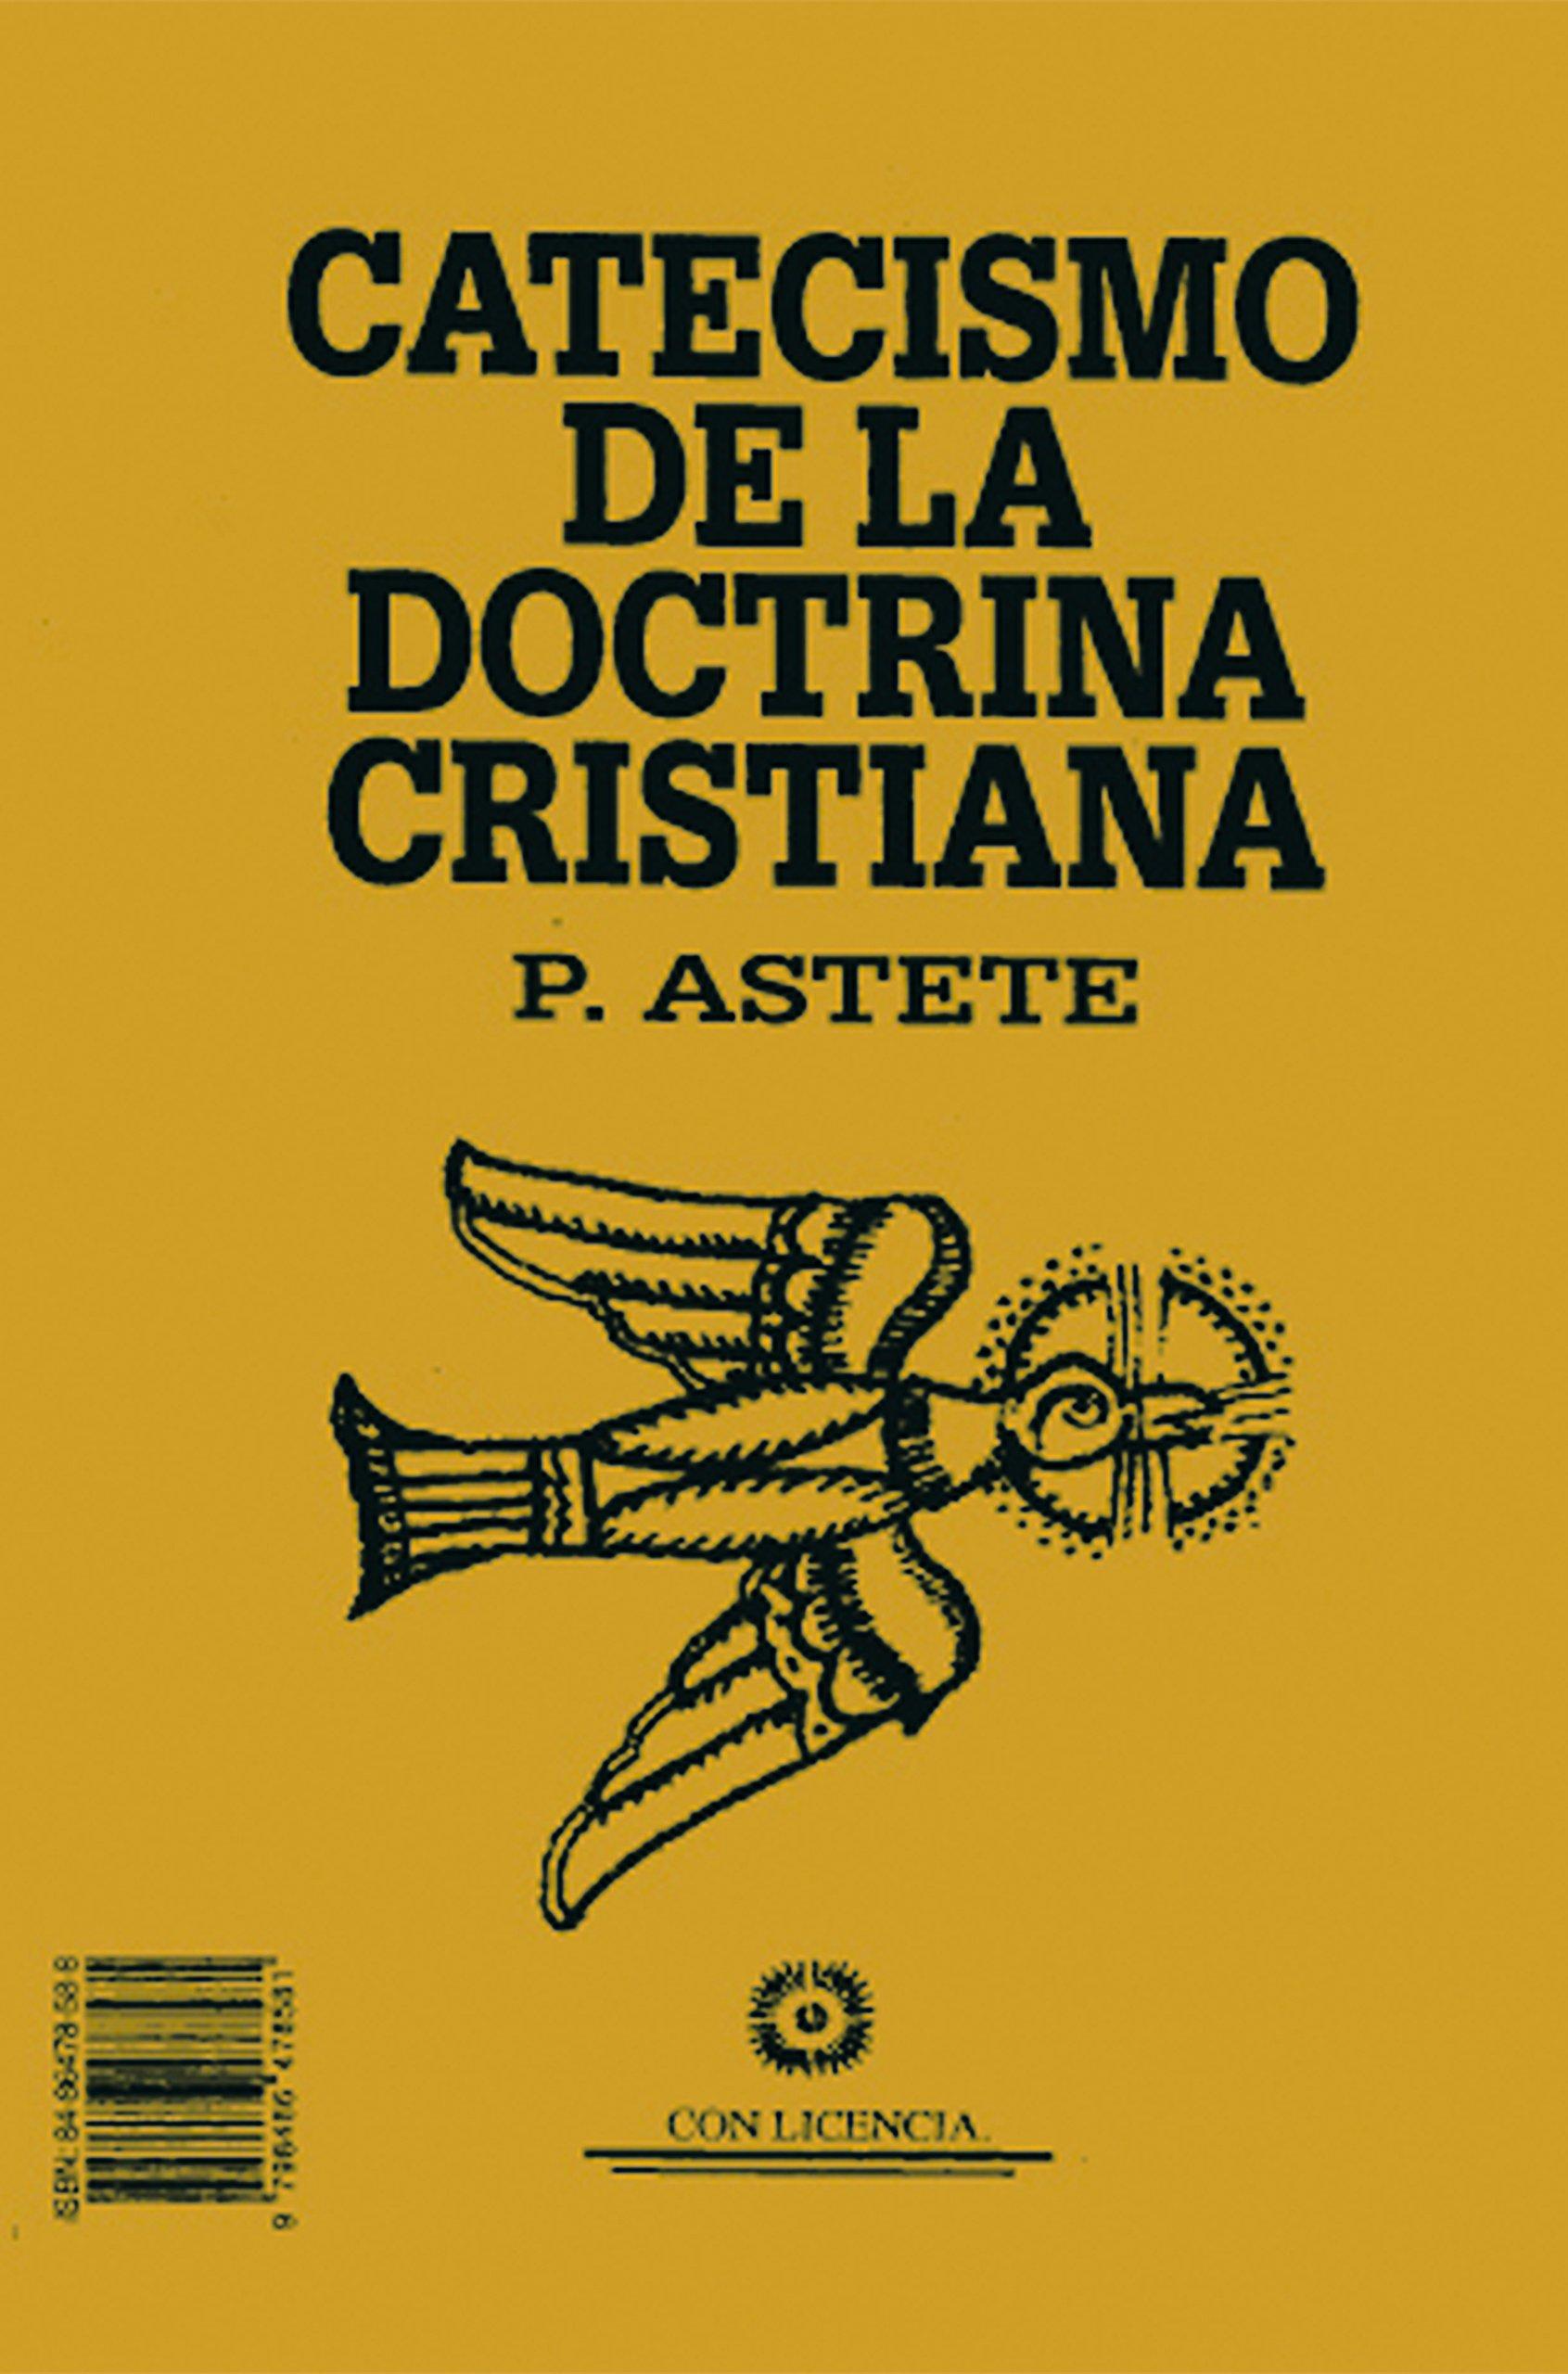 Catecismo de la doctrina cristiana (Otros Libros): Amazon.es: Astete, Gaspar: Libros